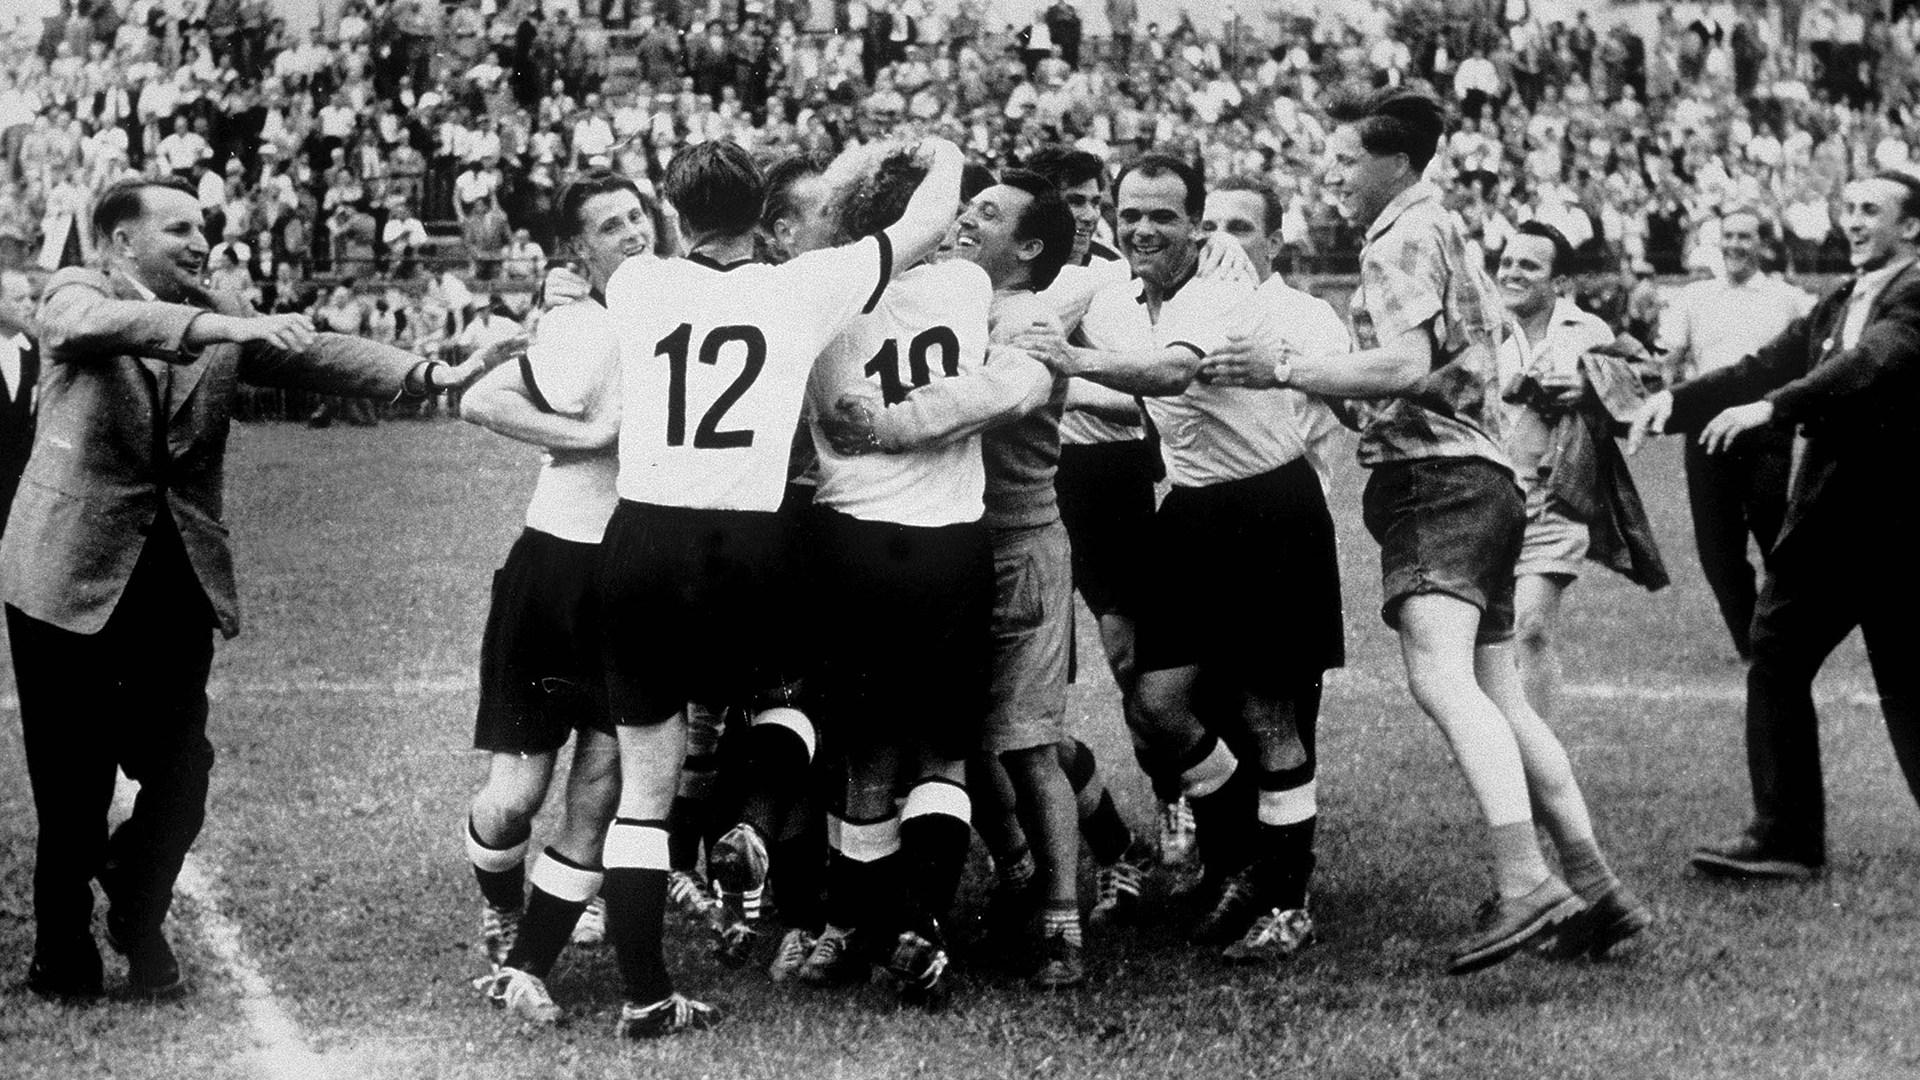 DEU: FIFA World Cup 1954